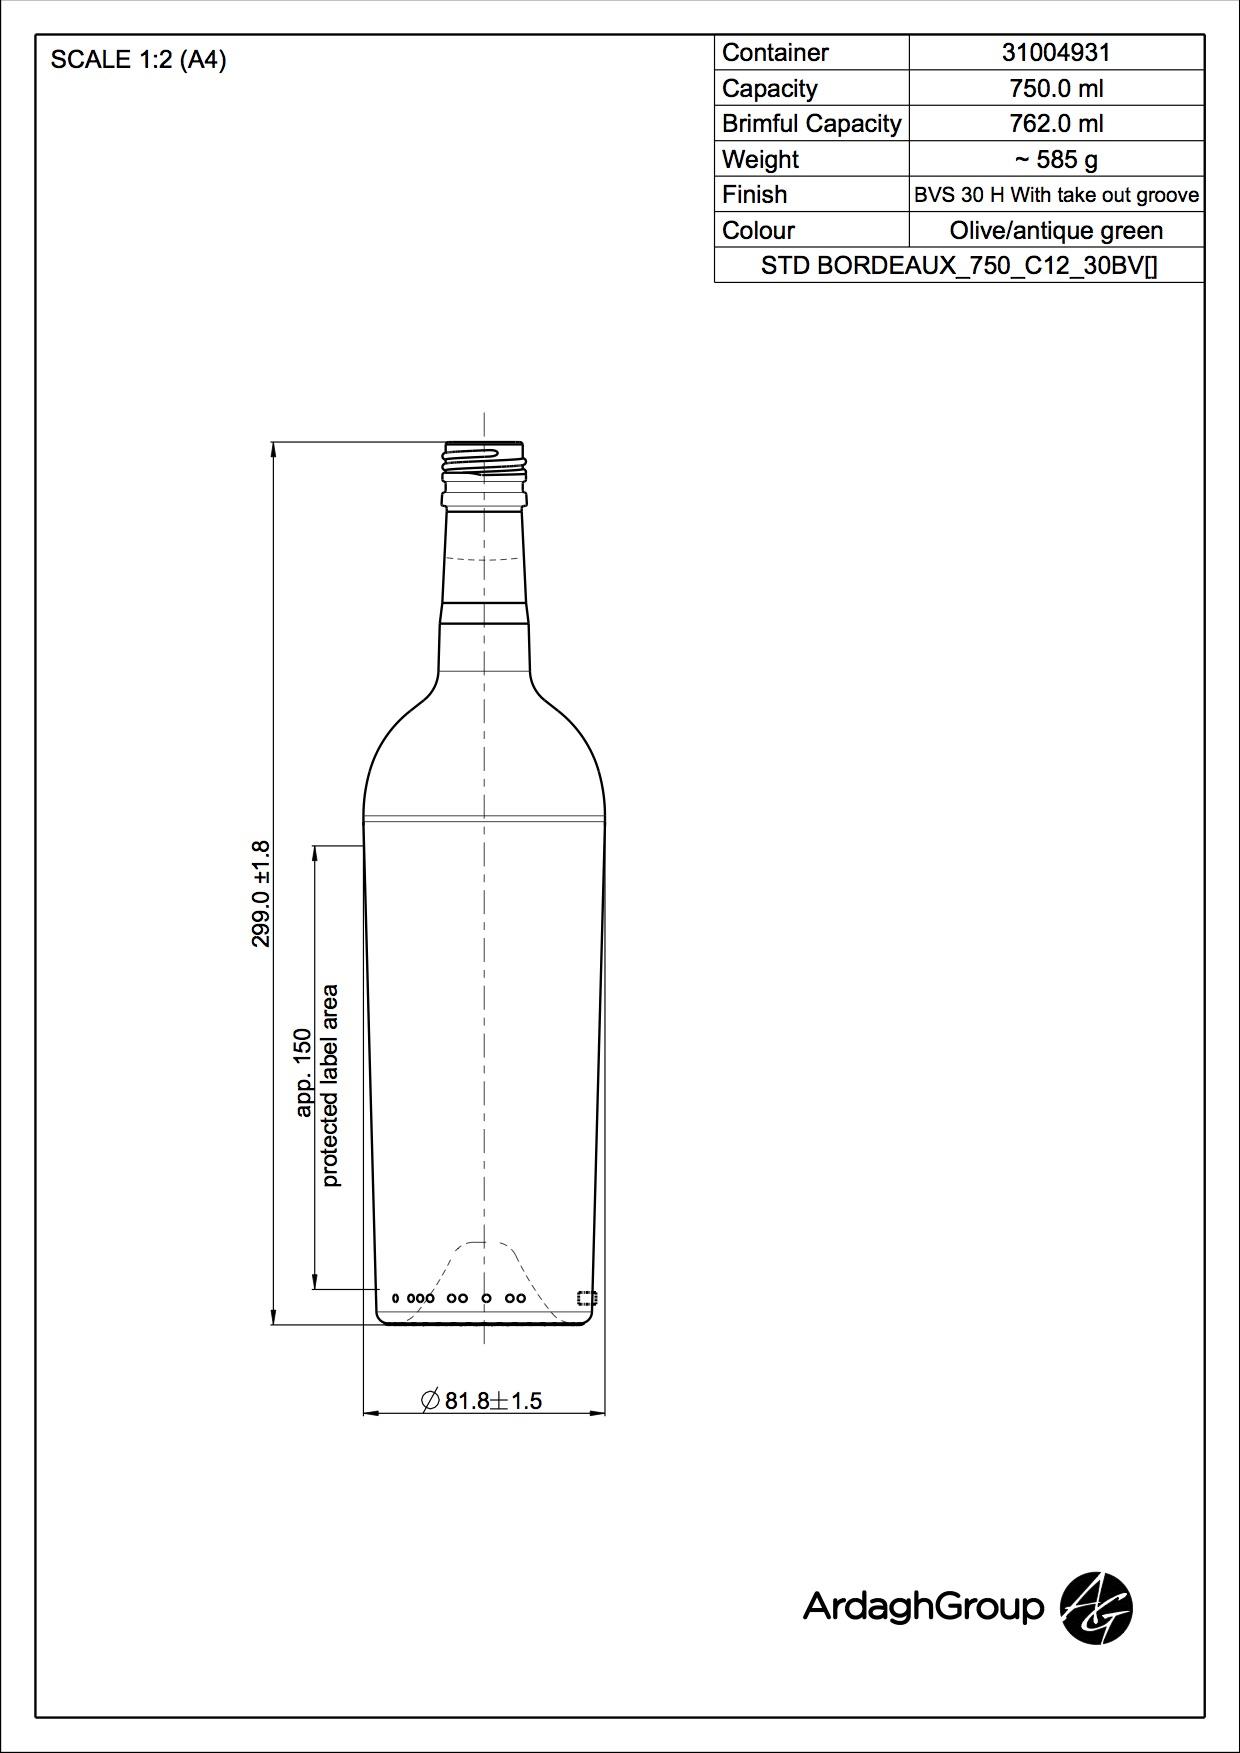 STD BORDEAUX CON 750 C12 30BV